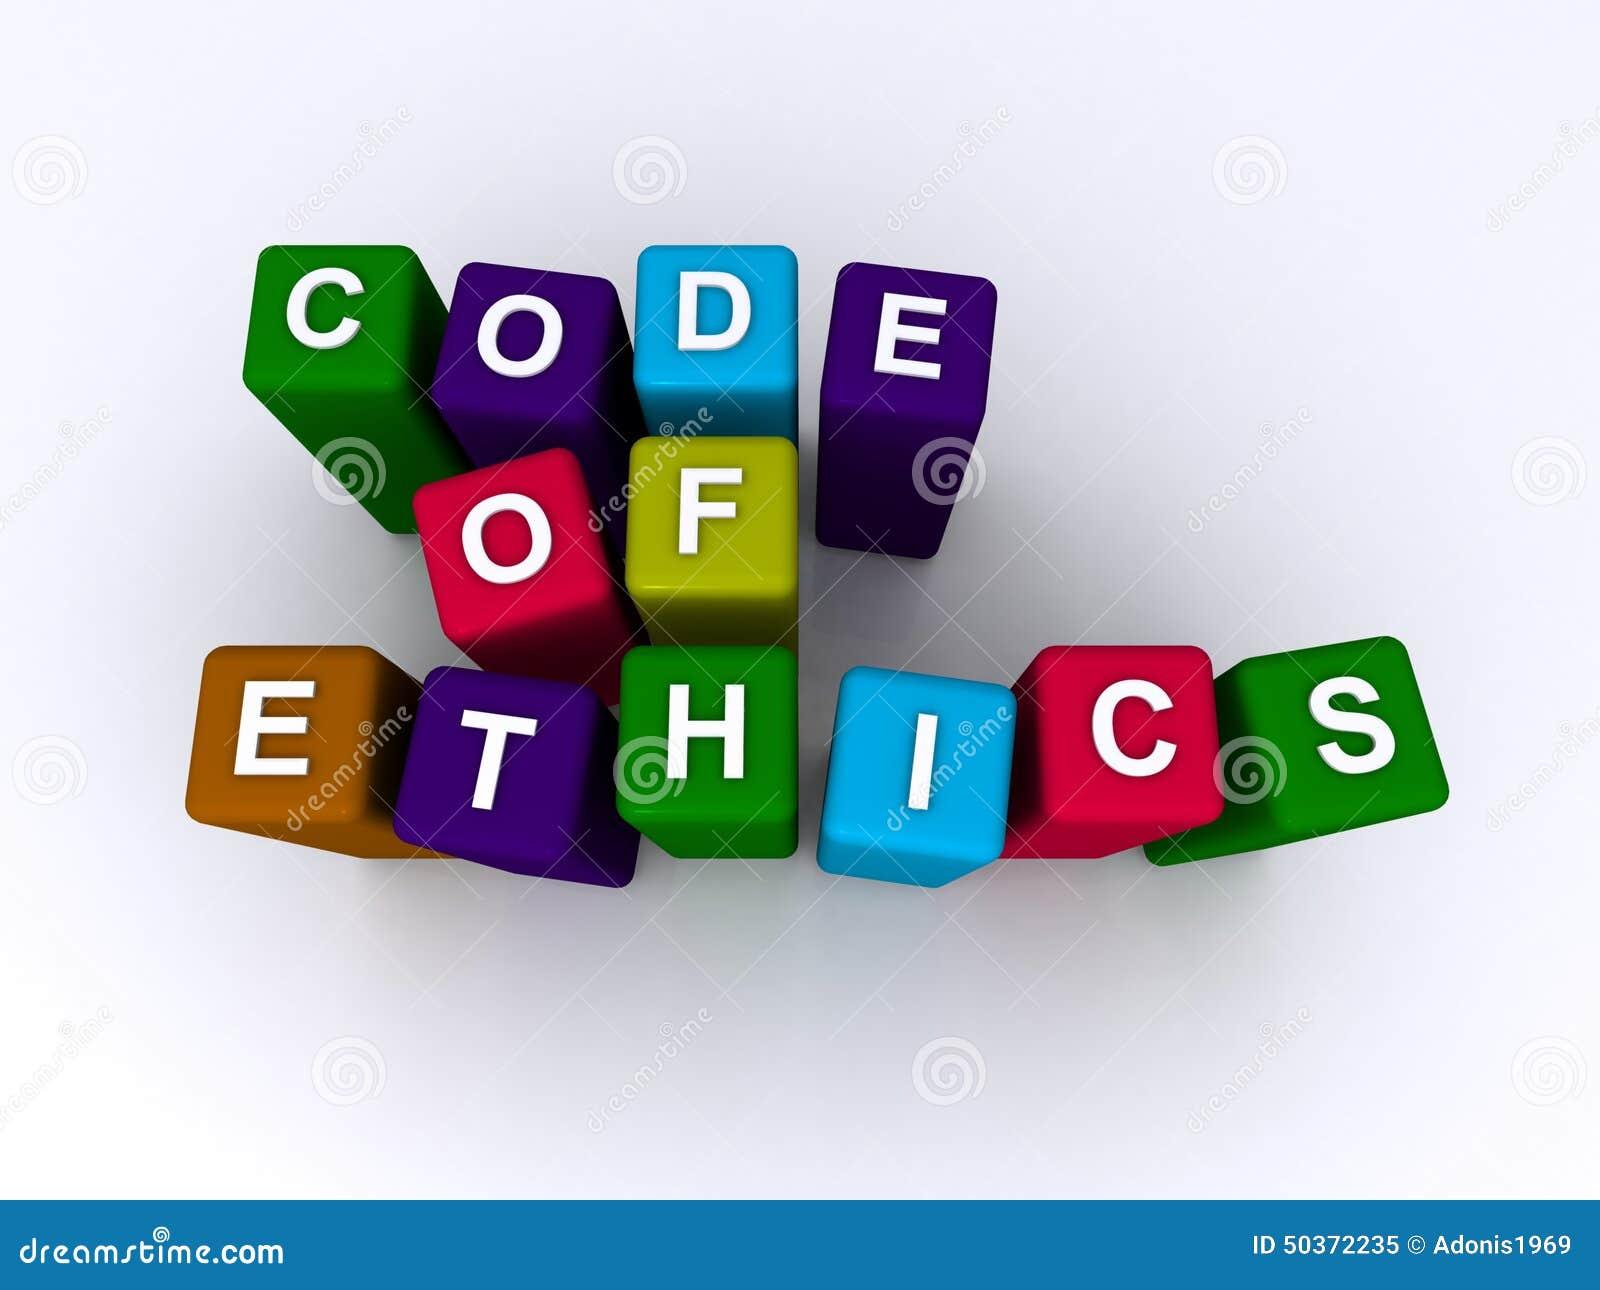 Code van ethiek